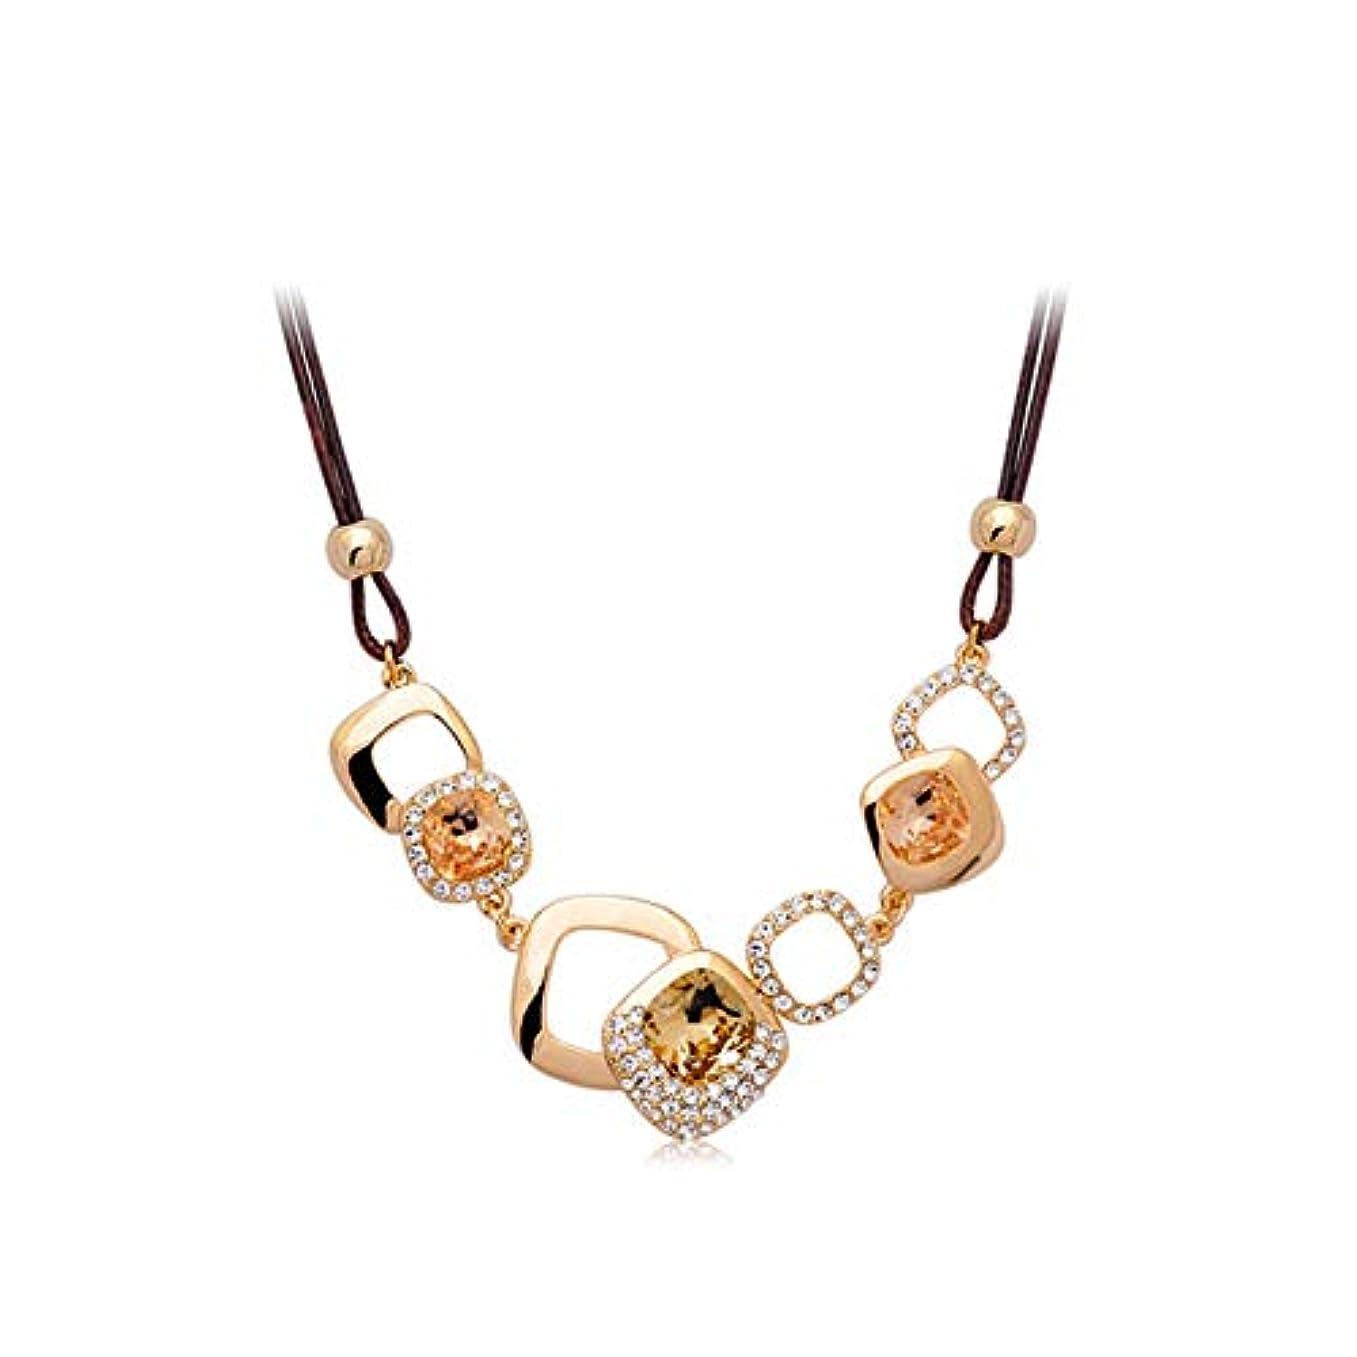 ウェイトレス桃順応性のあるトレンディな輝く絶妙な鎖骨チェーン、シンプルなスクエア気質エレガントなレトロなファッション装飾的な短いセーターチェーン